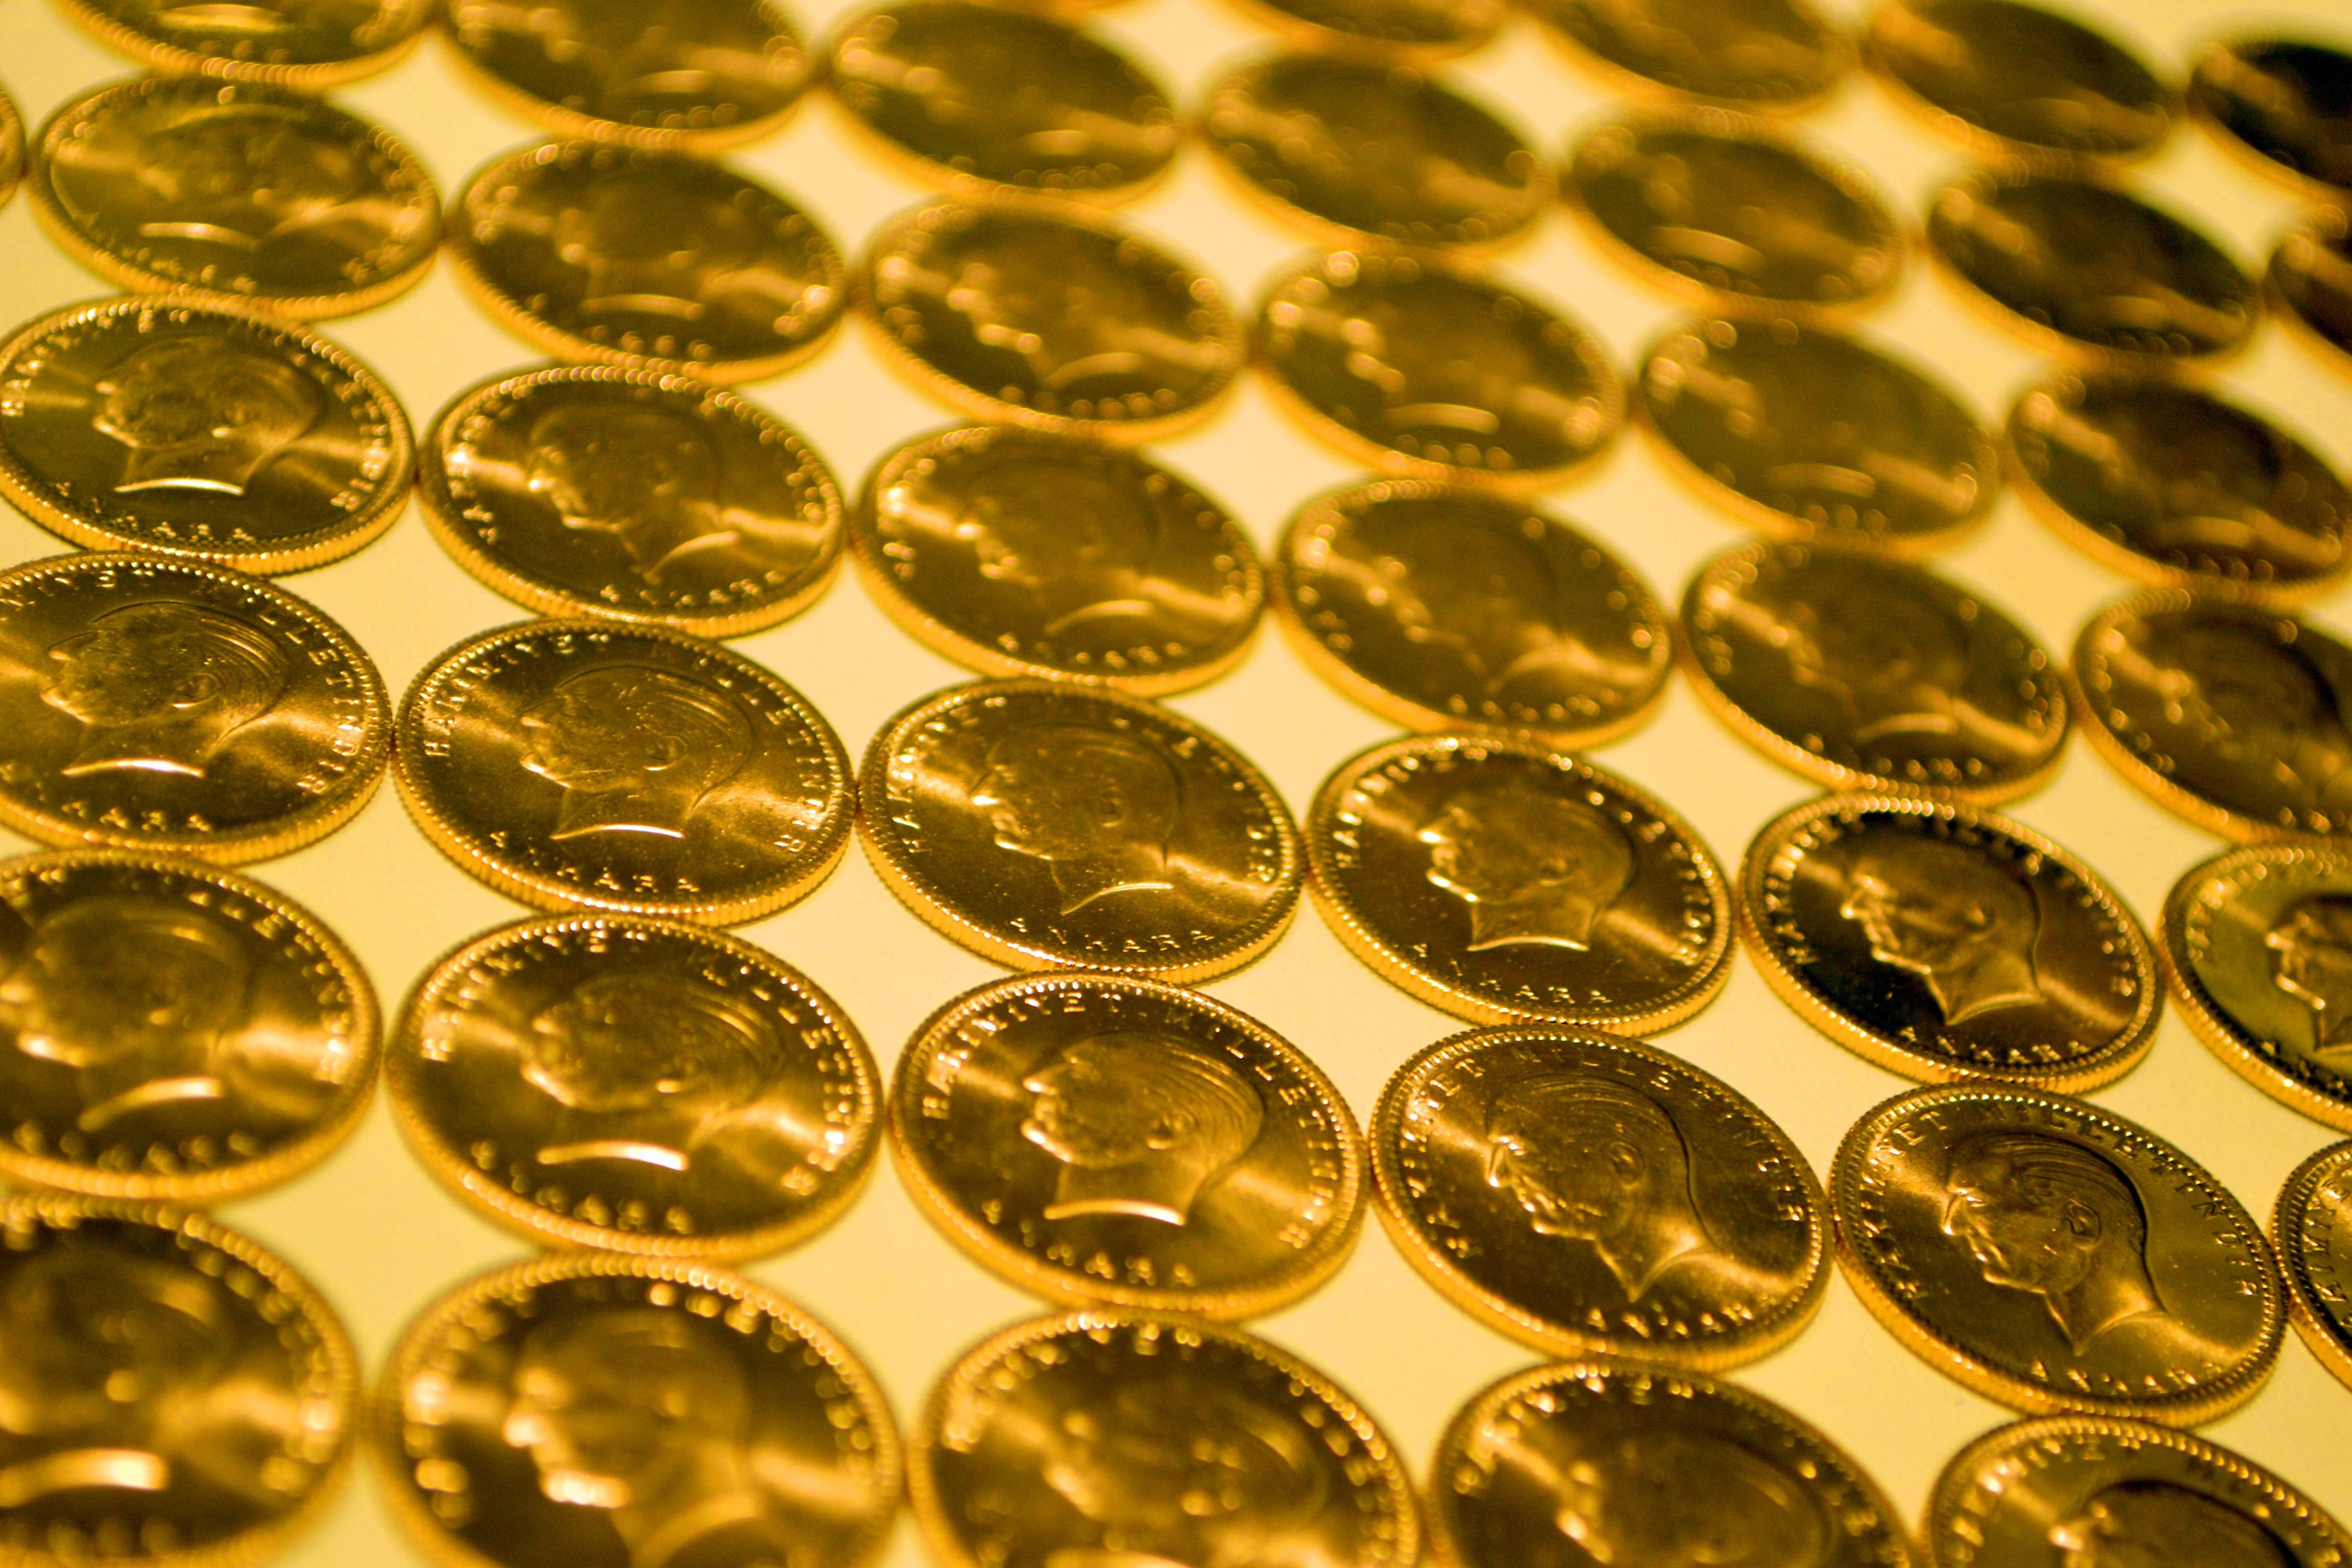 <p>Serbest piyasada 24 ayar külçe altının gram satış fiyatı 453,70 lira oldu.</p> <p></p> <p>İstanbul Kapalıçarşı'da 453,50 liradan alınan 24 Ayar Külçe Altın (Gr.) 453,70 liradan, 2 bin 999 liradan alınan Cumhuriyet Ata Lira 3 bin 20 liradan, 414 liradan alınan 22 Ayar Bilezik (Gr.) 418 liradan, 2 bin 921 liradan alınan Lira (Tam) Ziynet 2 bin 941 liradan, bin 461 liradan alınan Yarım Ziynet bin 471 liradan ve 730 liradan alınan Çeyrek Ziynet 735 liradan satılıyor.</p>